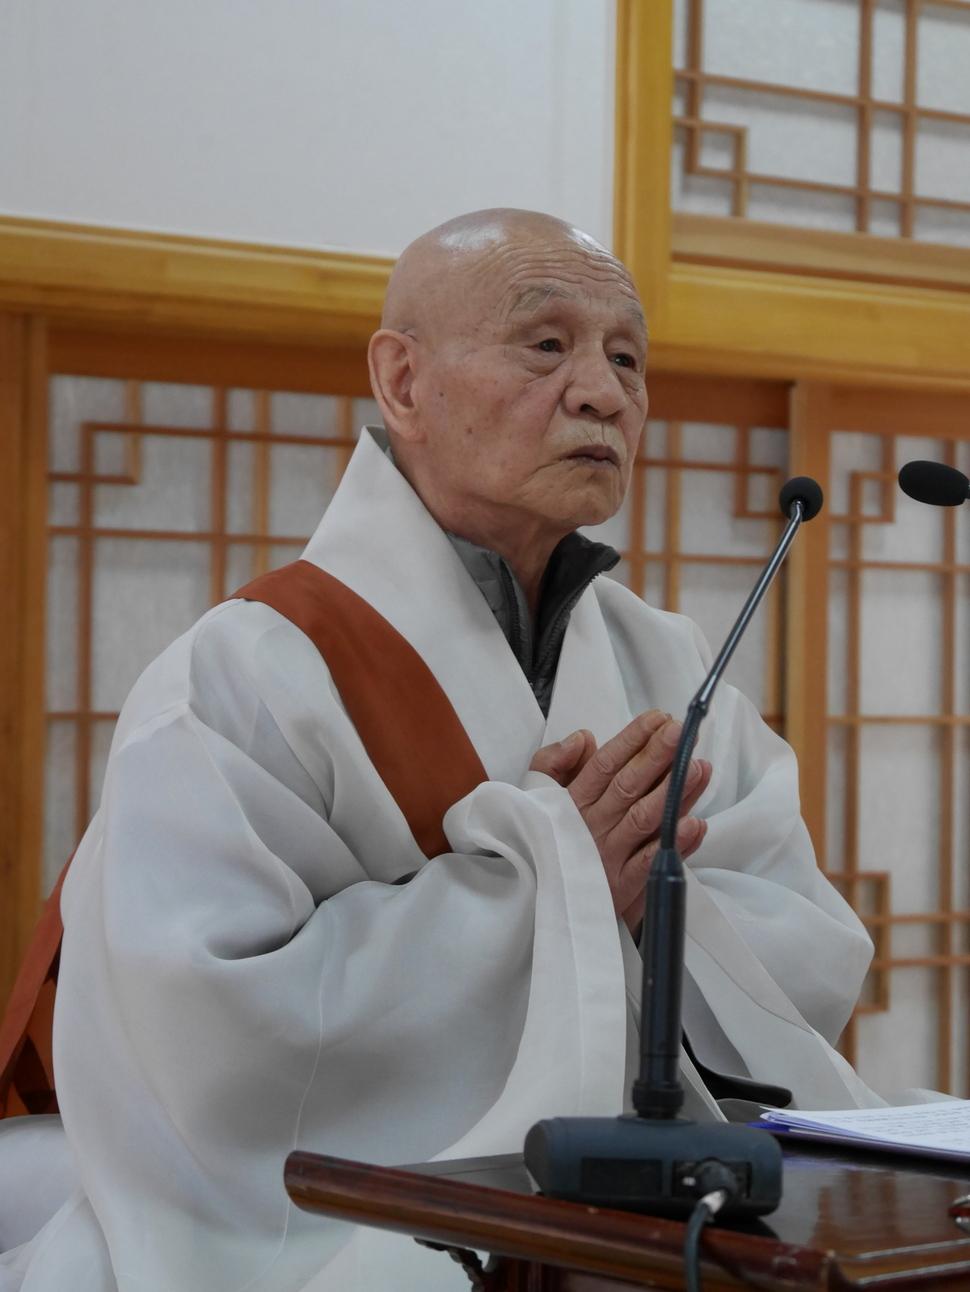 동안거 해제법회에서 법문에 앞서 절을 받는 동안 합장하고 있는 무산 오현 스님